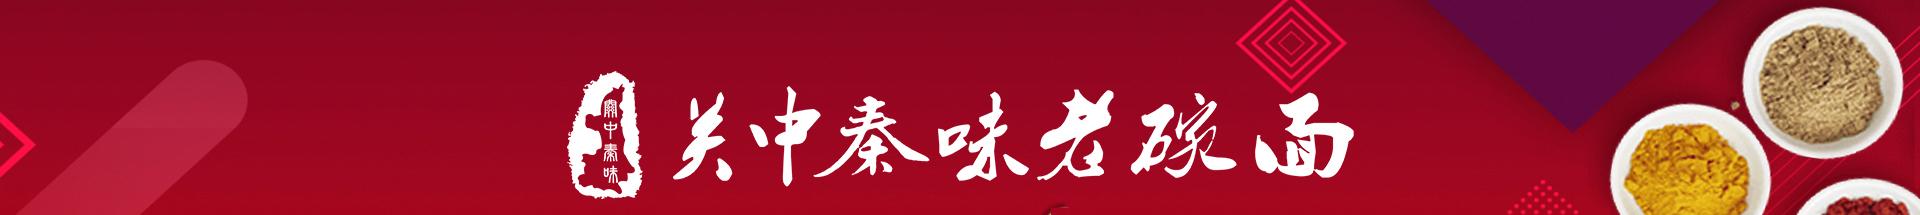 关中秦味老碗面gzqw_01